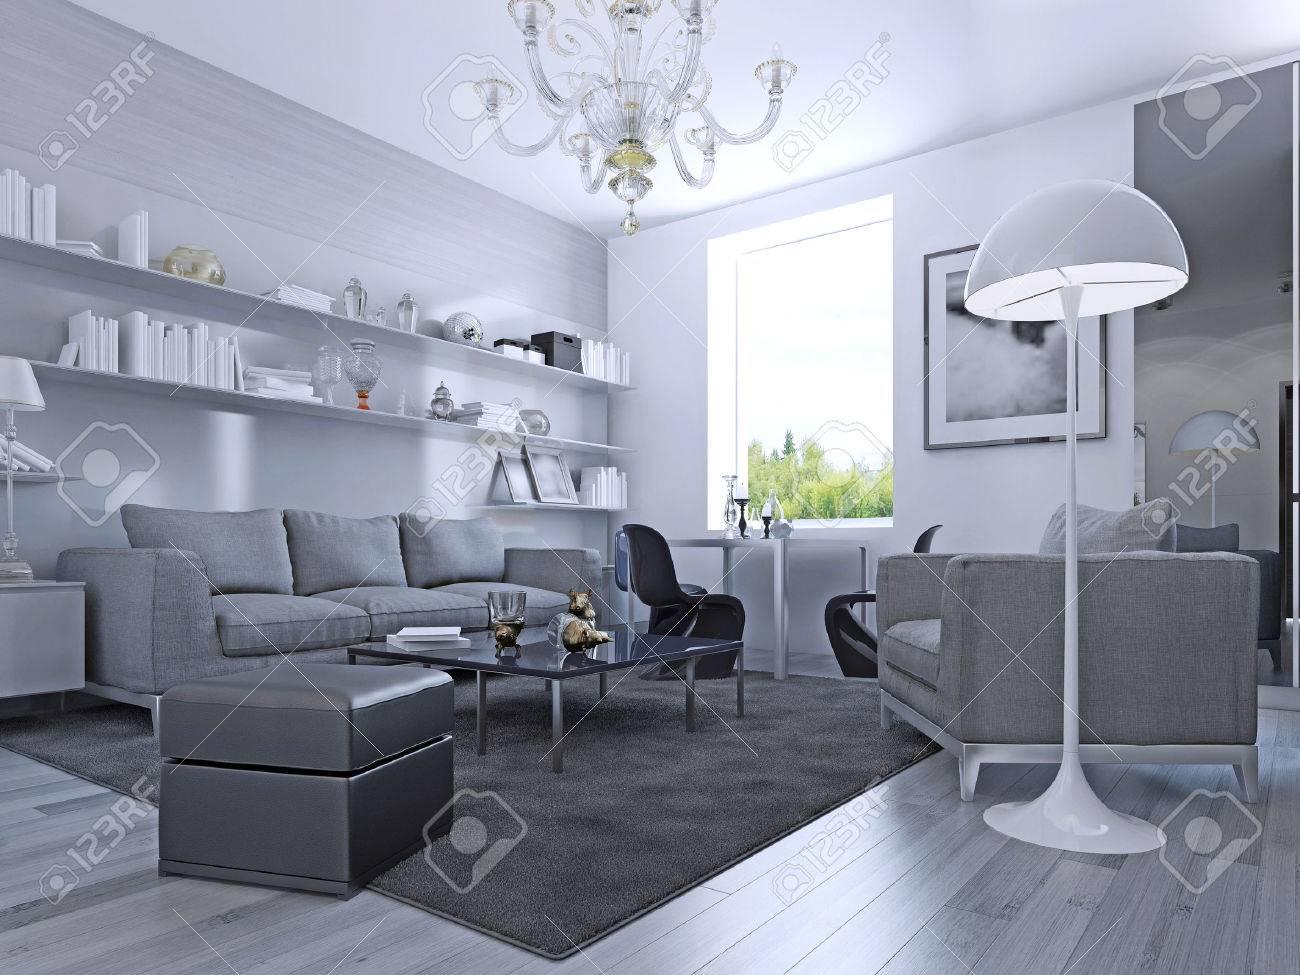 Gut Standard Bild   Wohnzimmer Im Modernen Stil. Elegantes Wohnzimmer Mit  Weißen Wänden Und Hellgrau Laminat. Wandsystem Mit Weißen Regalen.